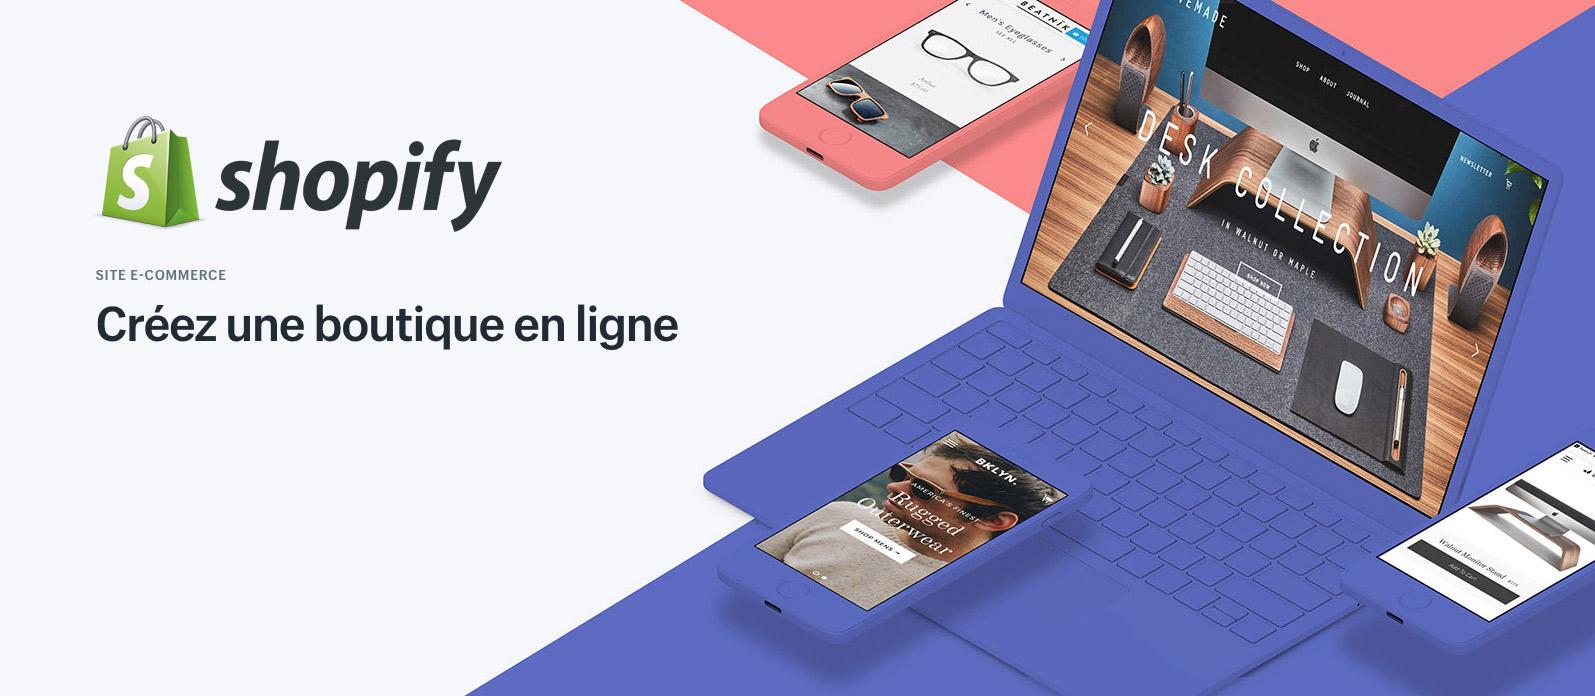 shopify boutique en ligne